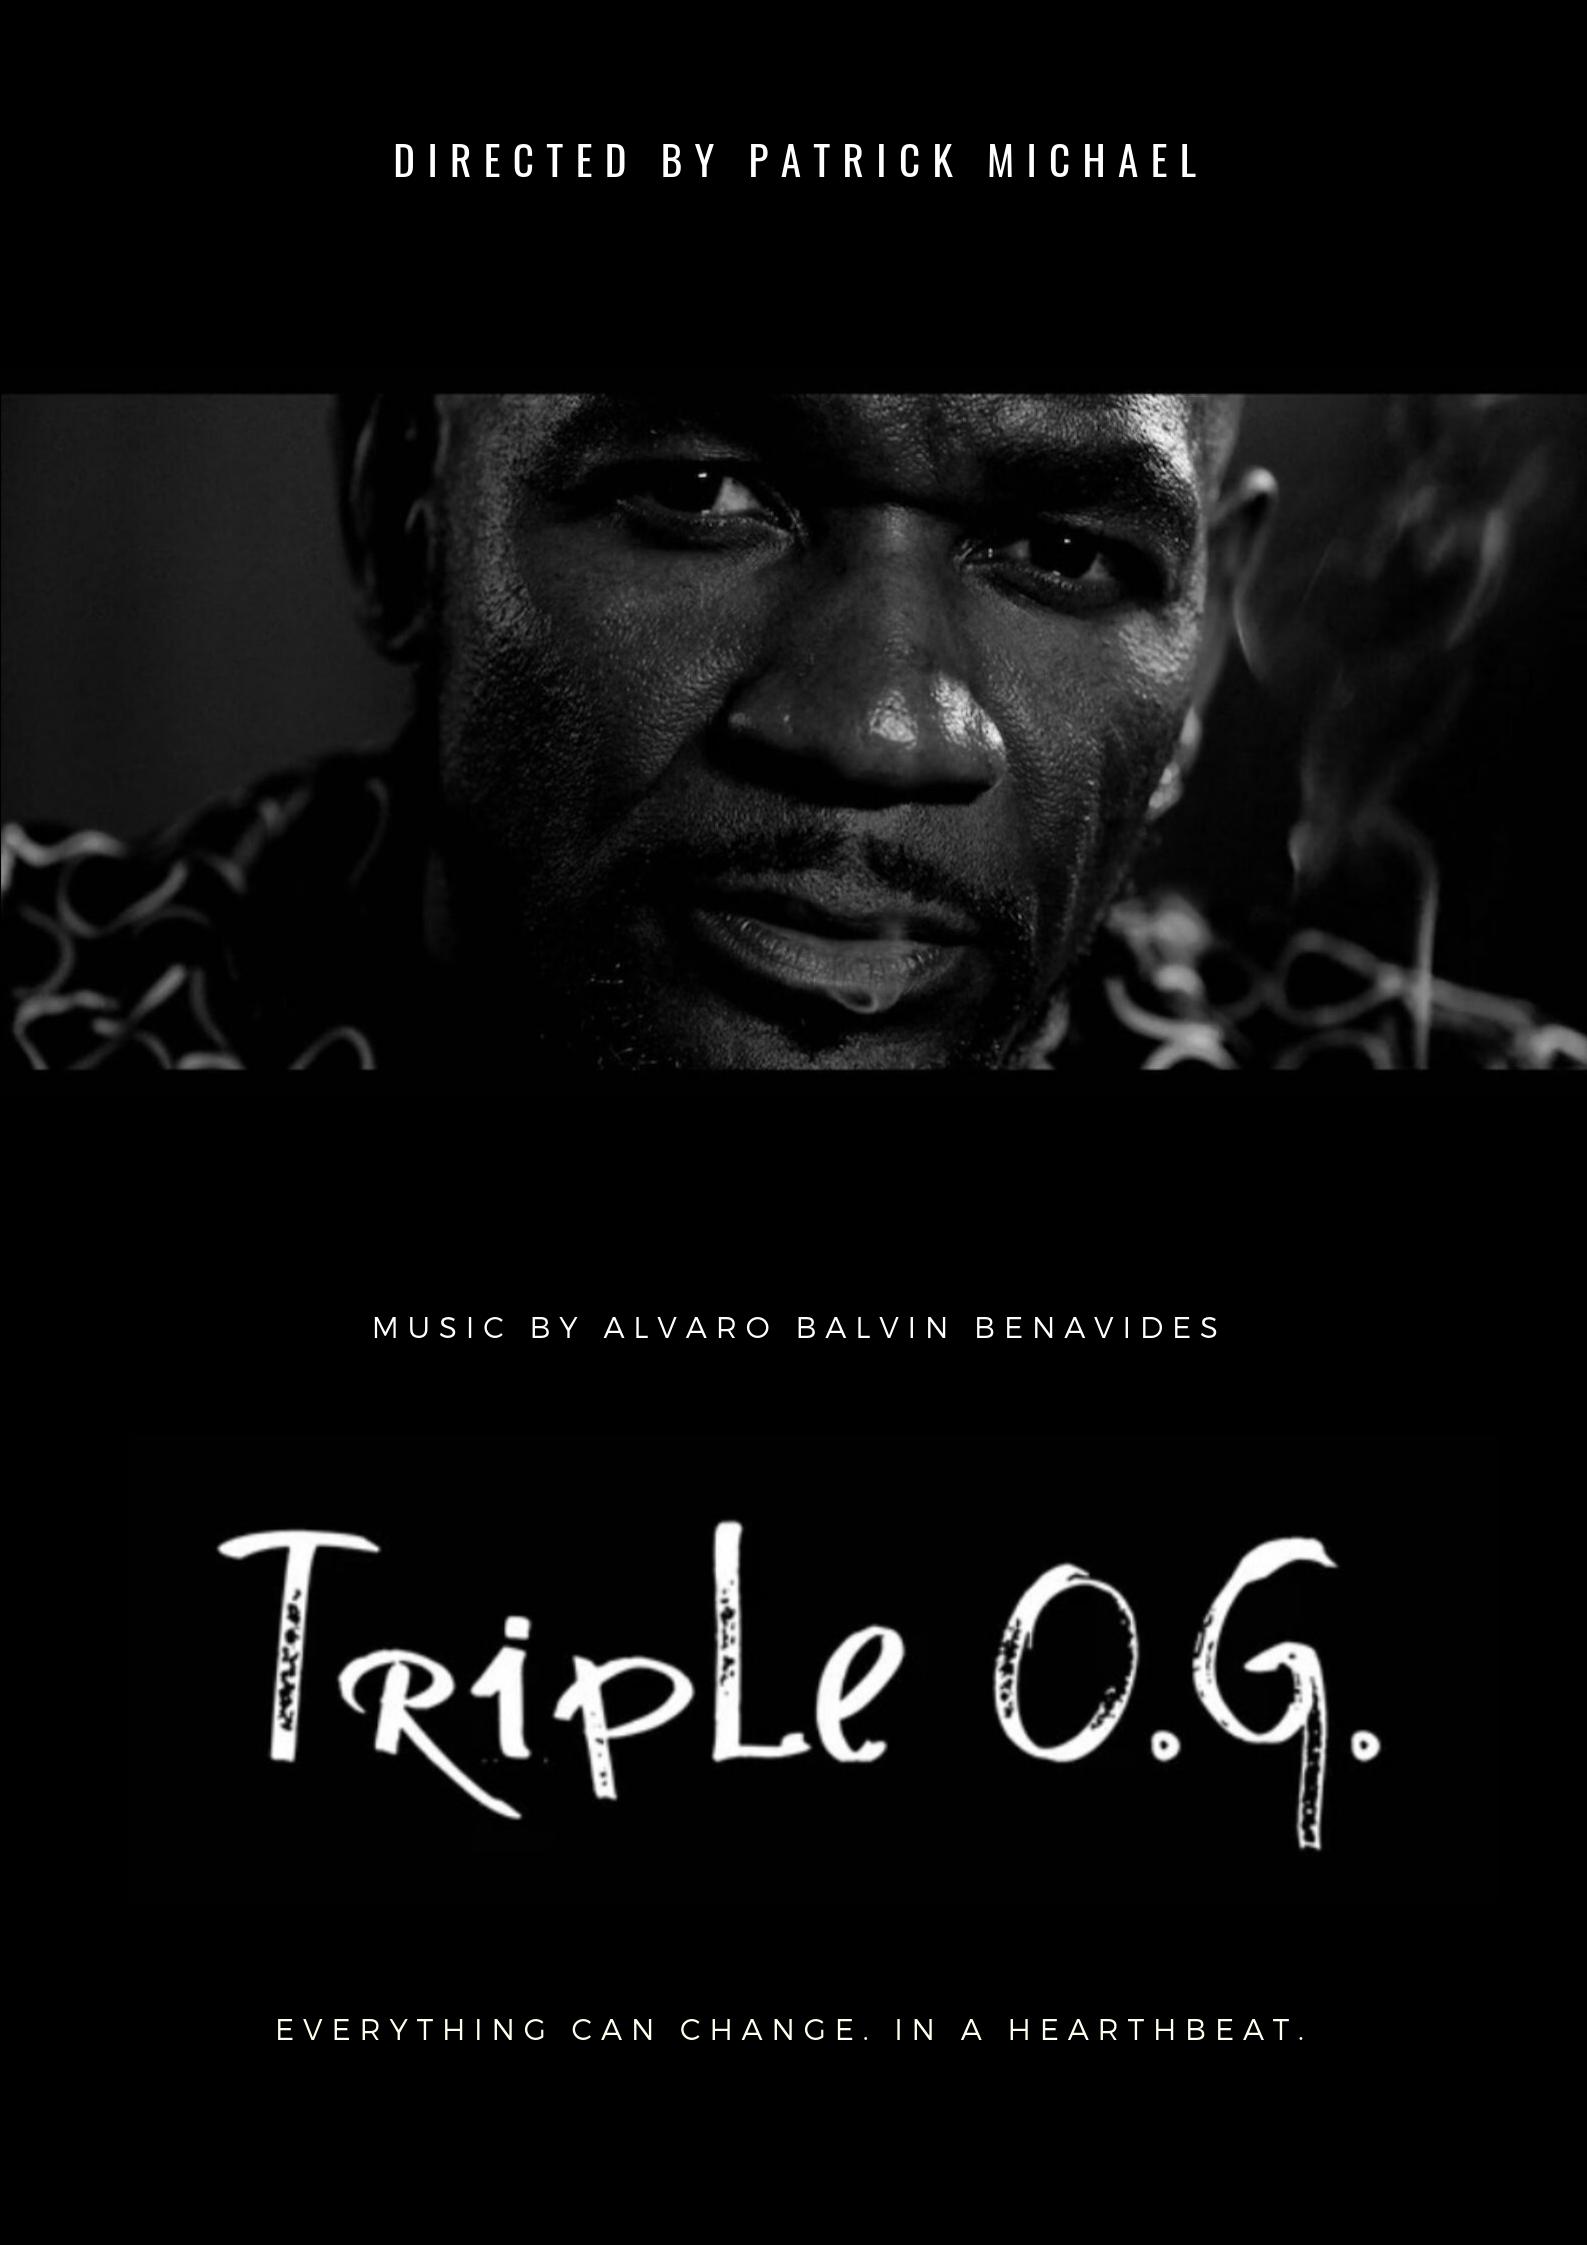 Triple O.G. - Composer